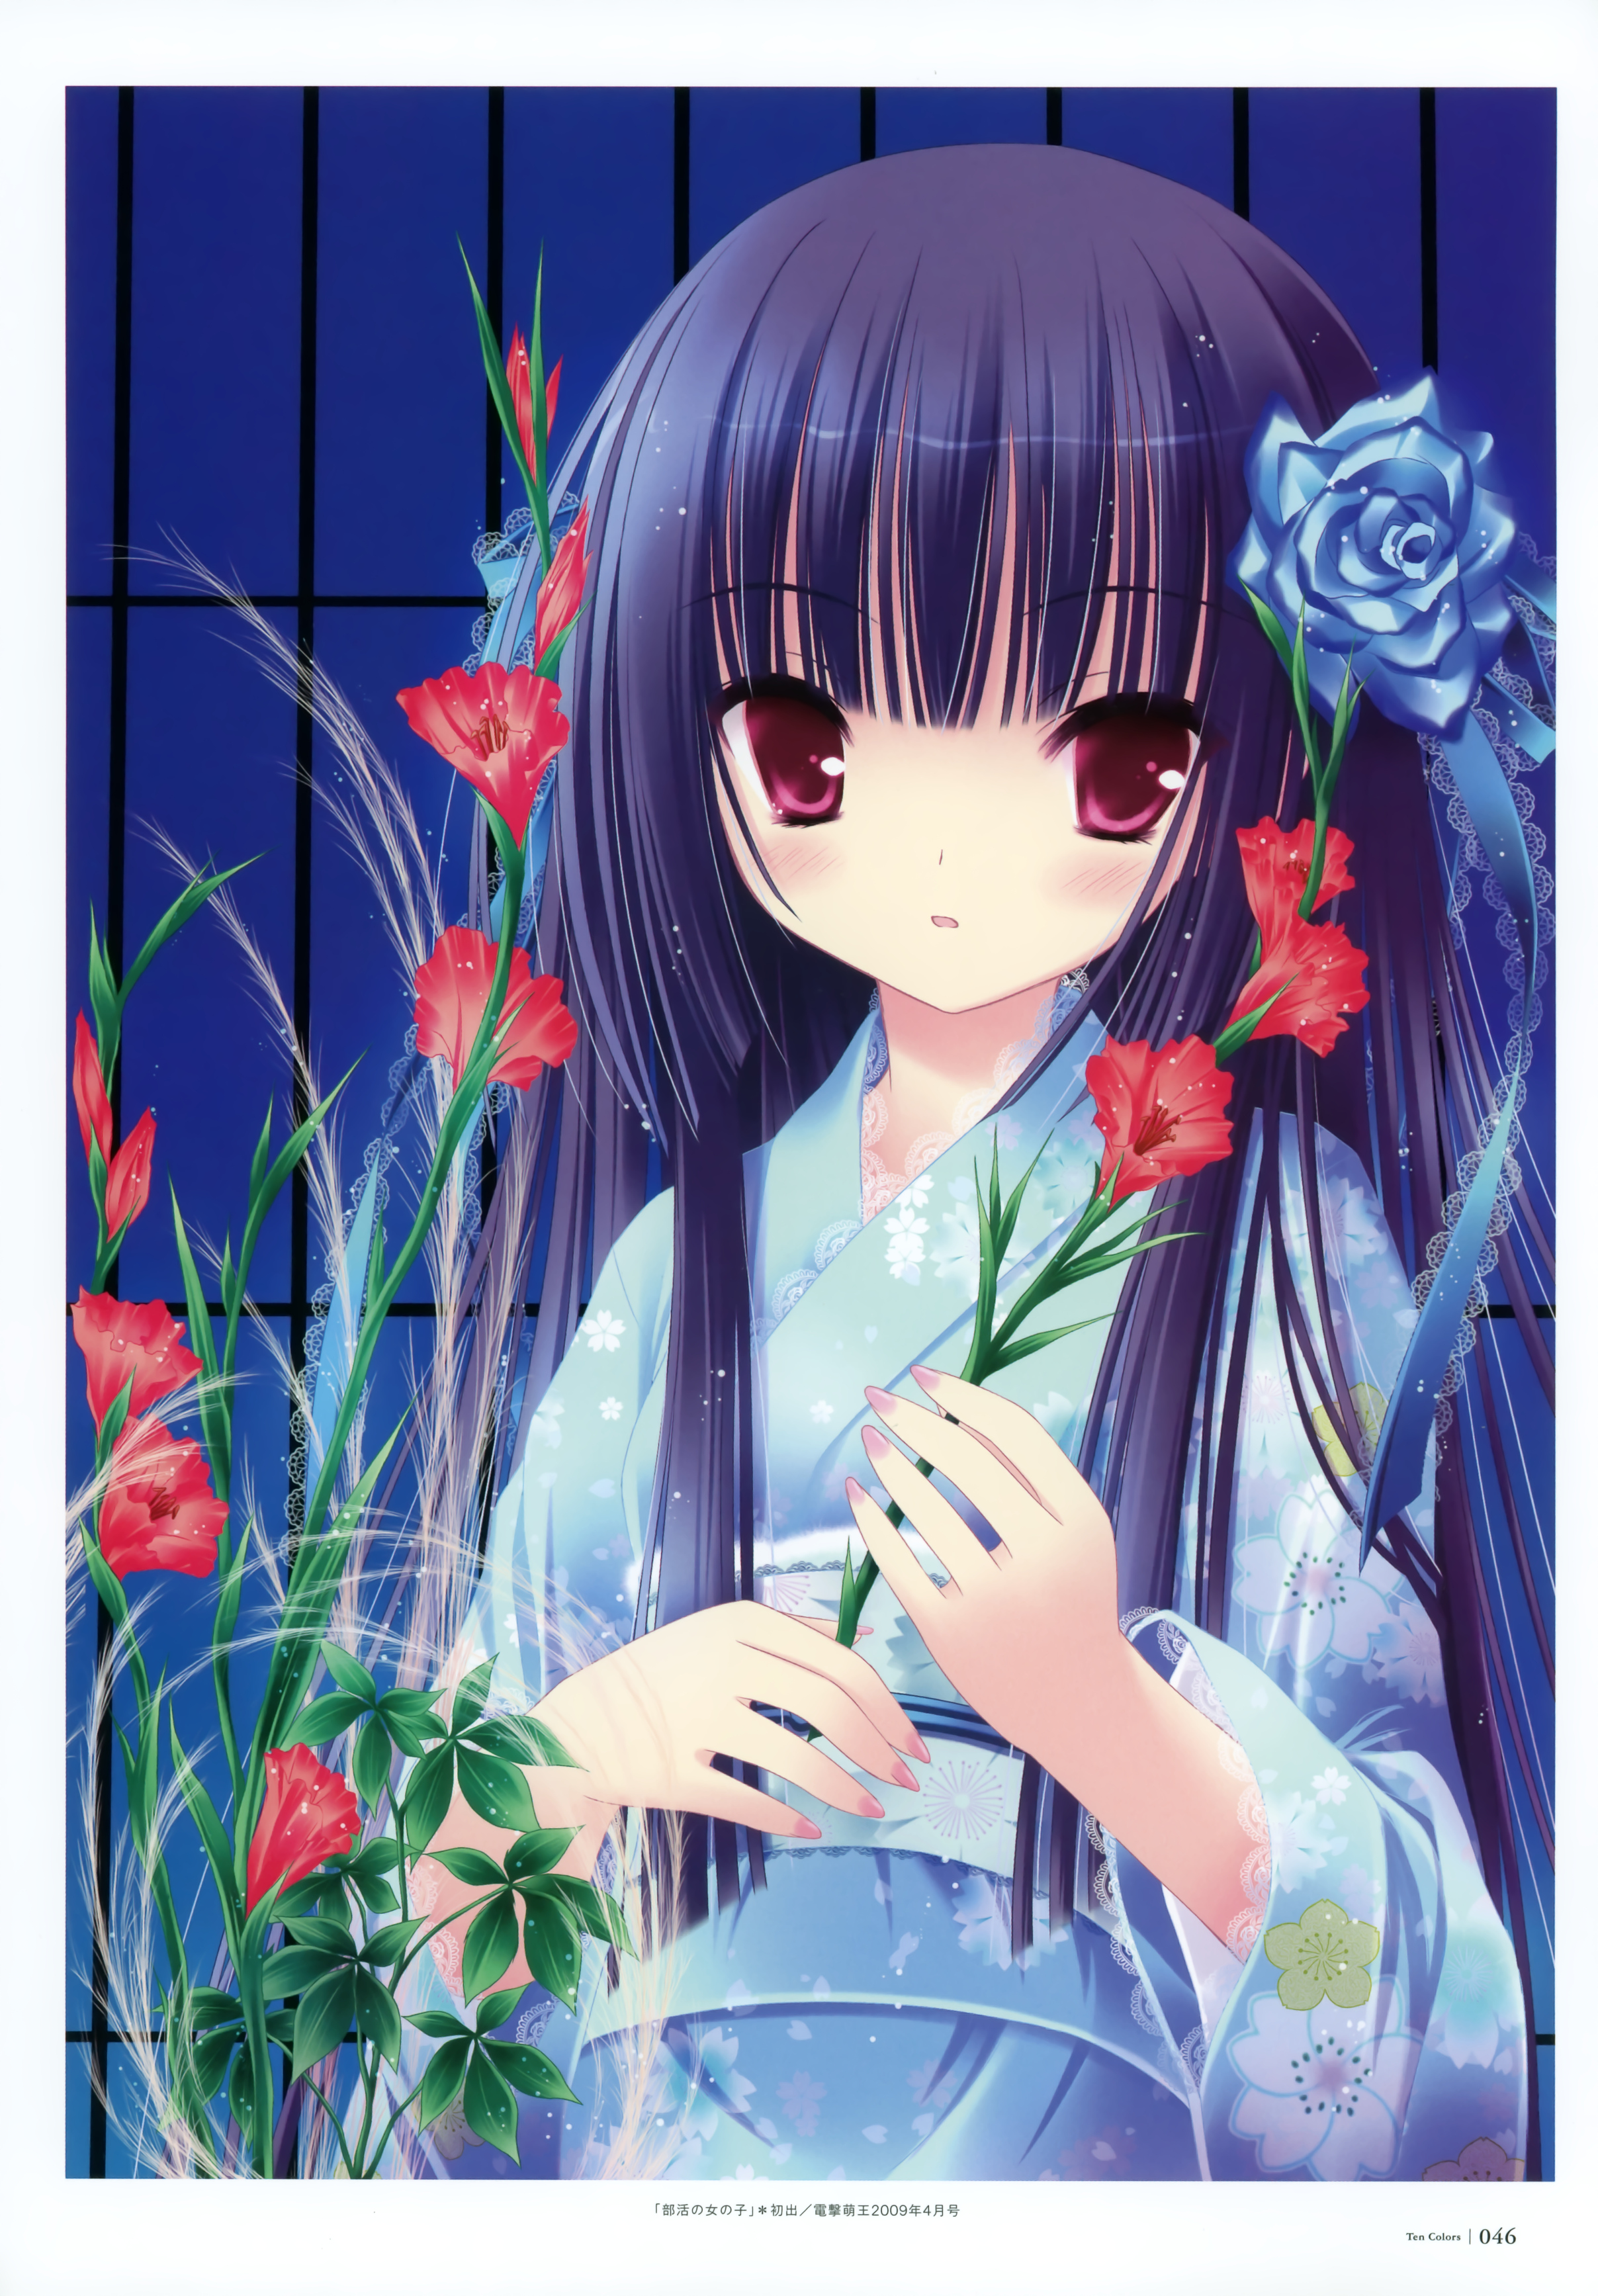 tinkerbell image #356108 - zerochan anime image board